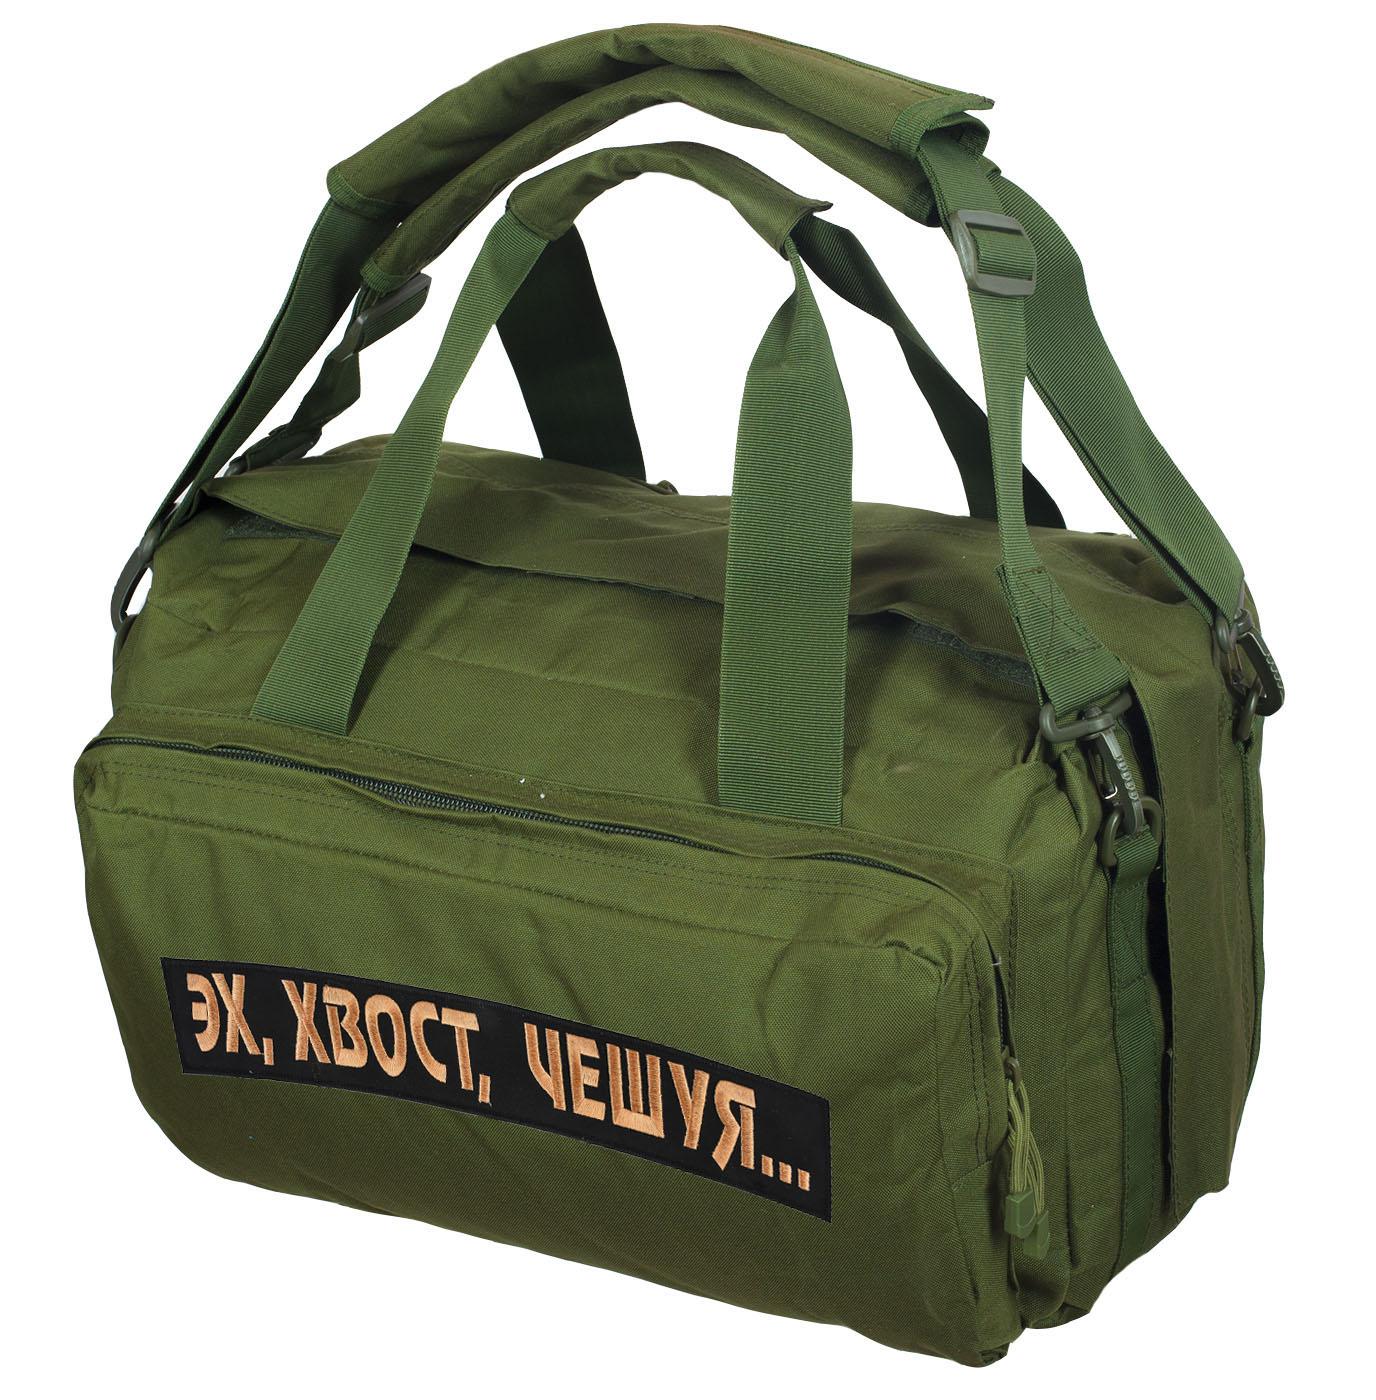 Тактическая сумка-рюкзак с нашивкой Эх, хвост, чешуя - купить онлайн